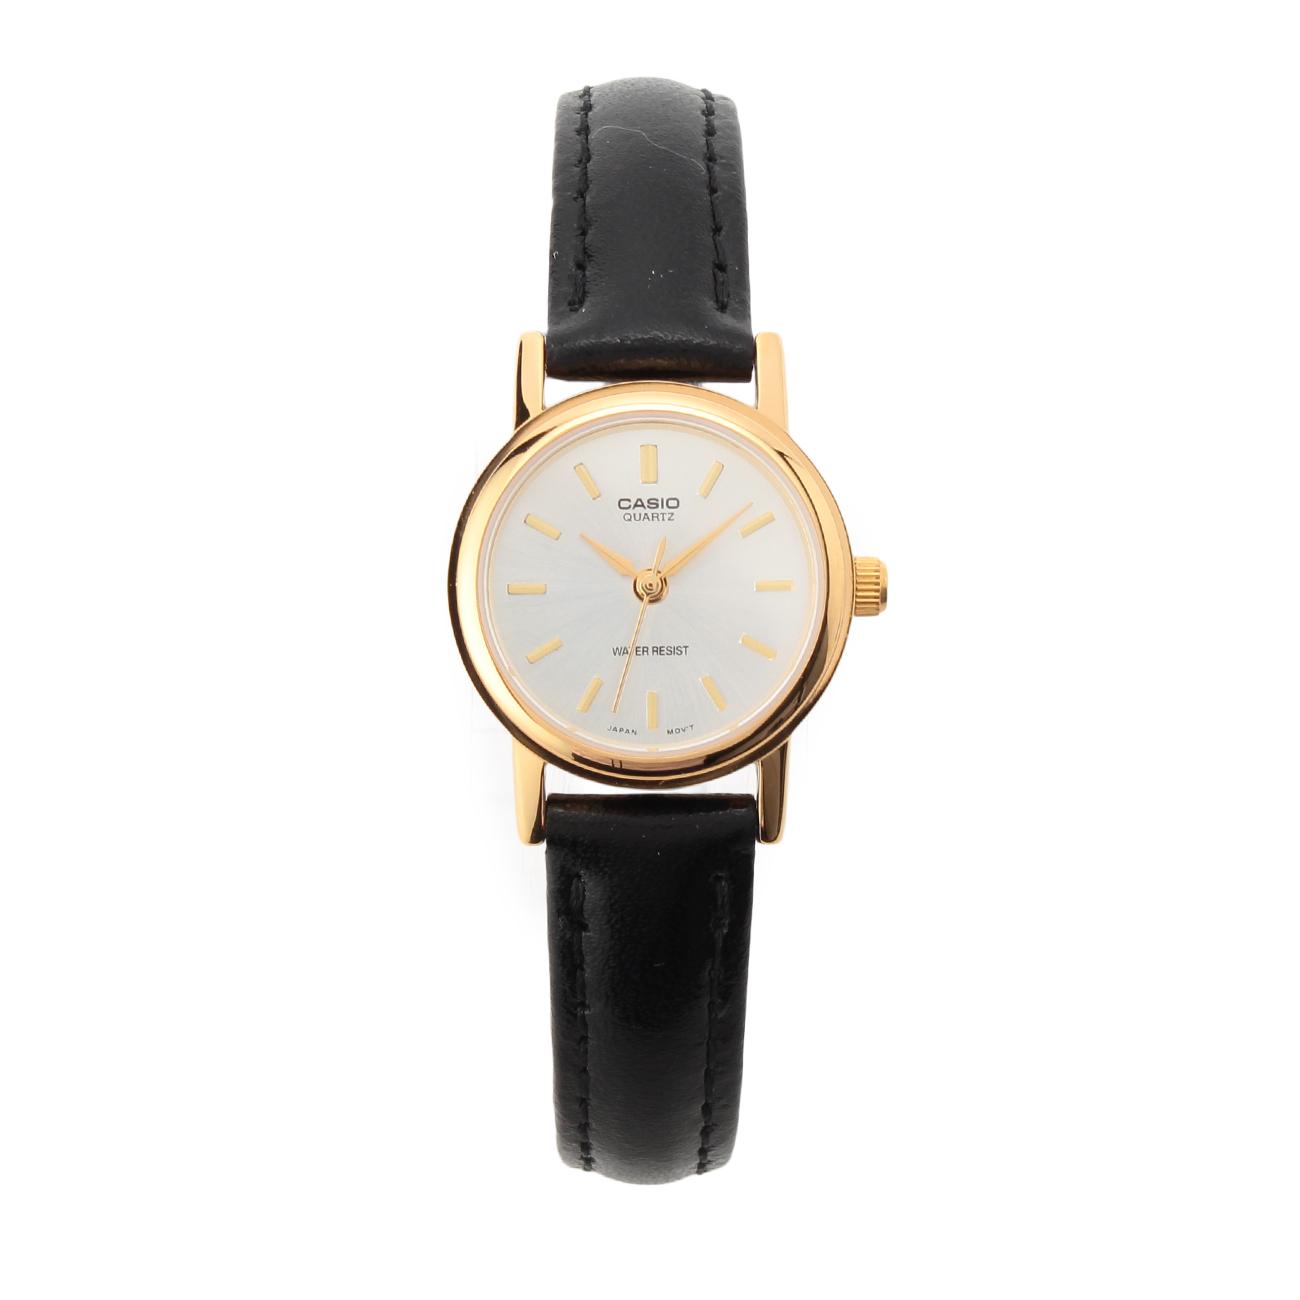 【OPAQUE.CLIP (オペークドットクリップ)】メタリックフレーム腕時計レディース 雑貨|腕時計 ホワイト